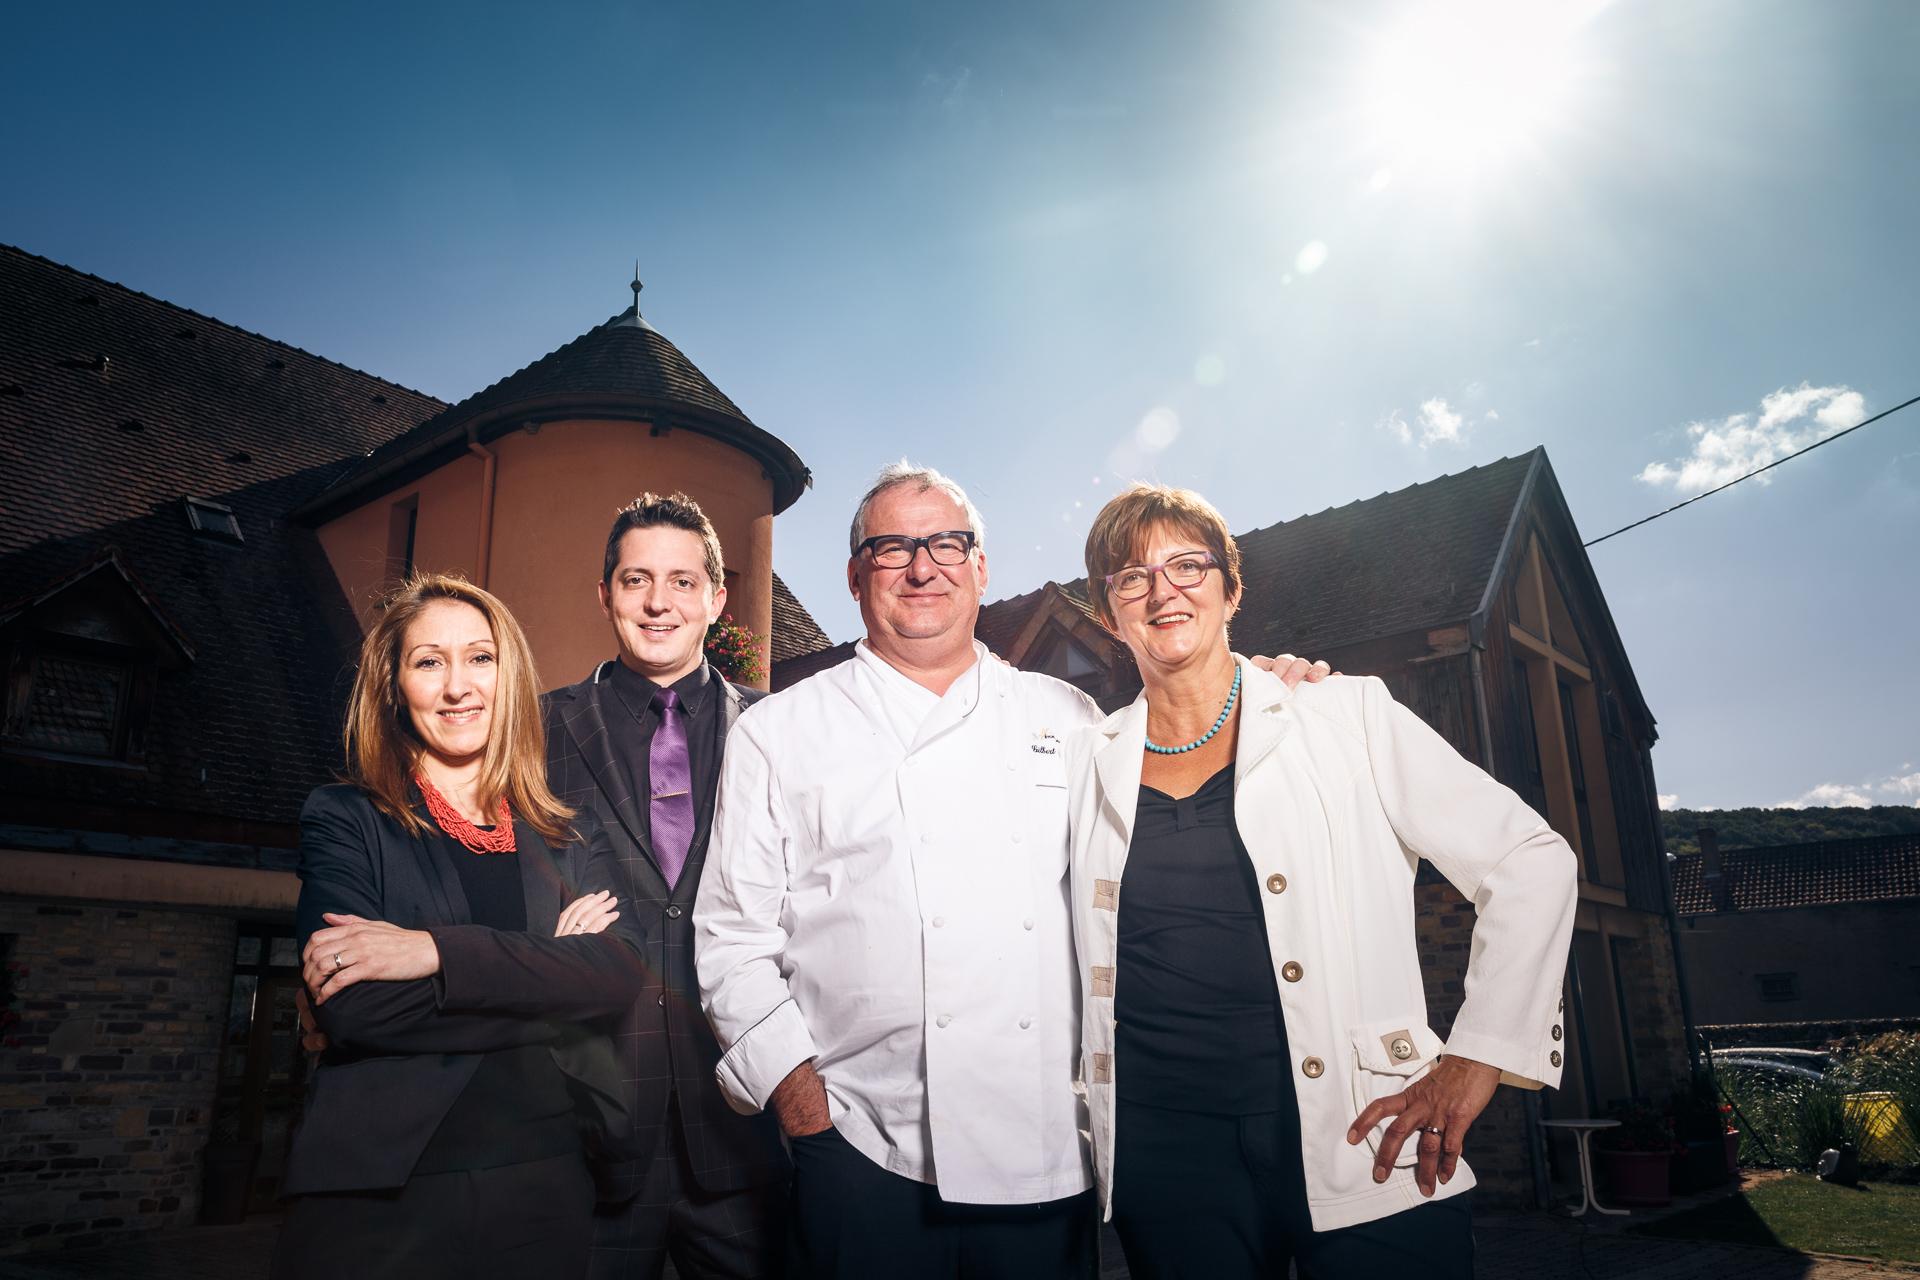 Famille Koehler - Auberge du Cheval Blanc, Westhalten